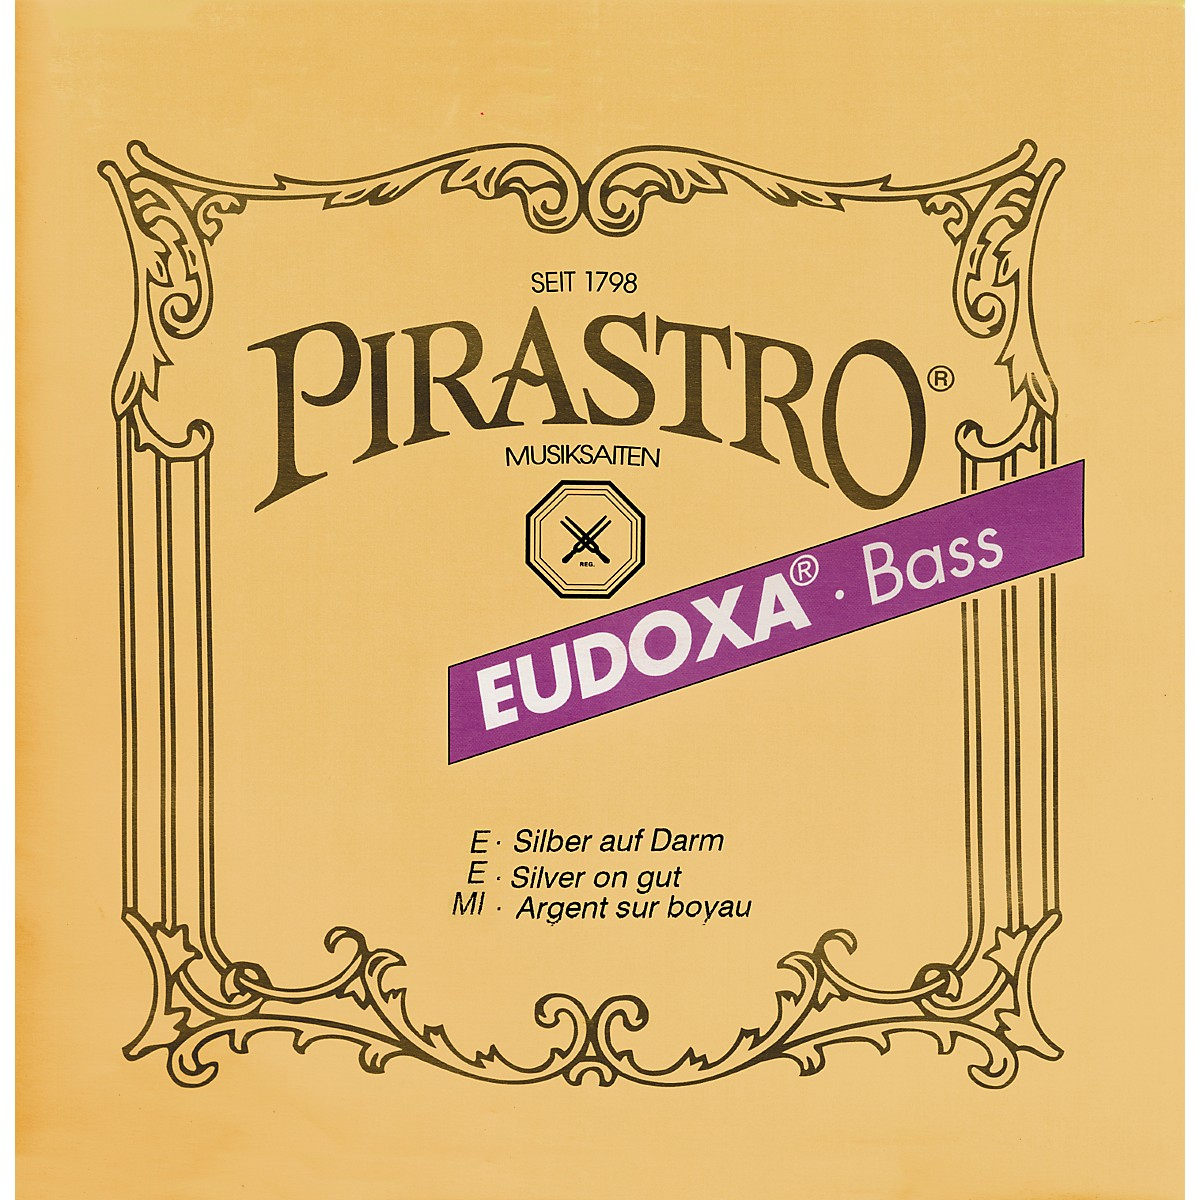 Pirastro Eudoxa Series Double Bass String Set